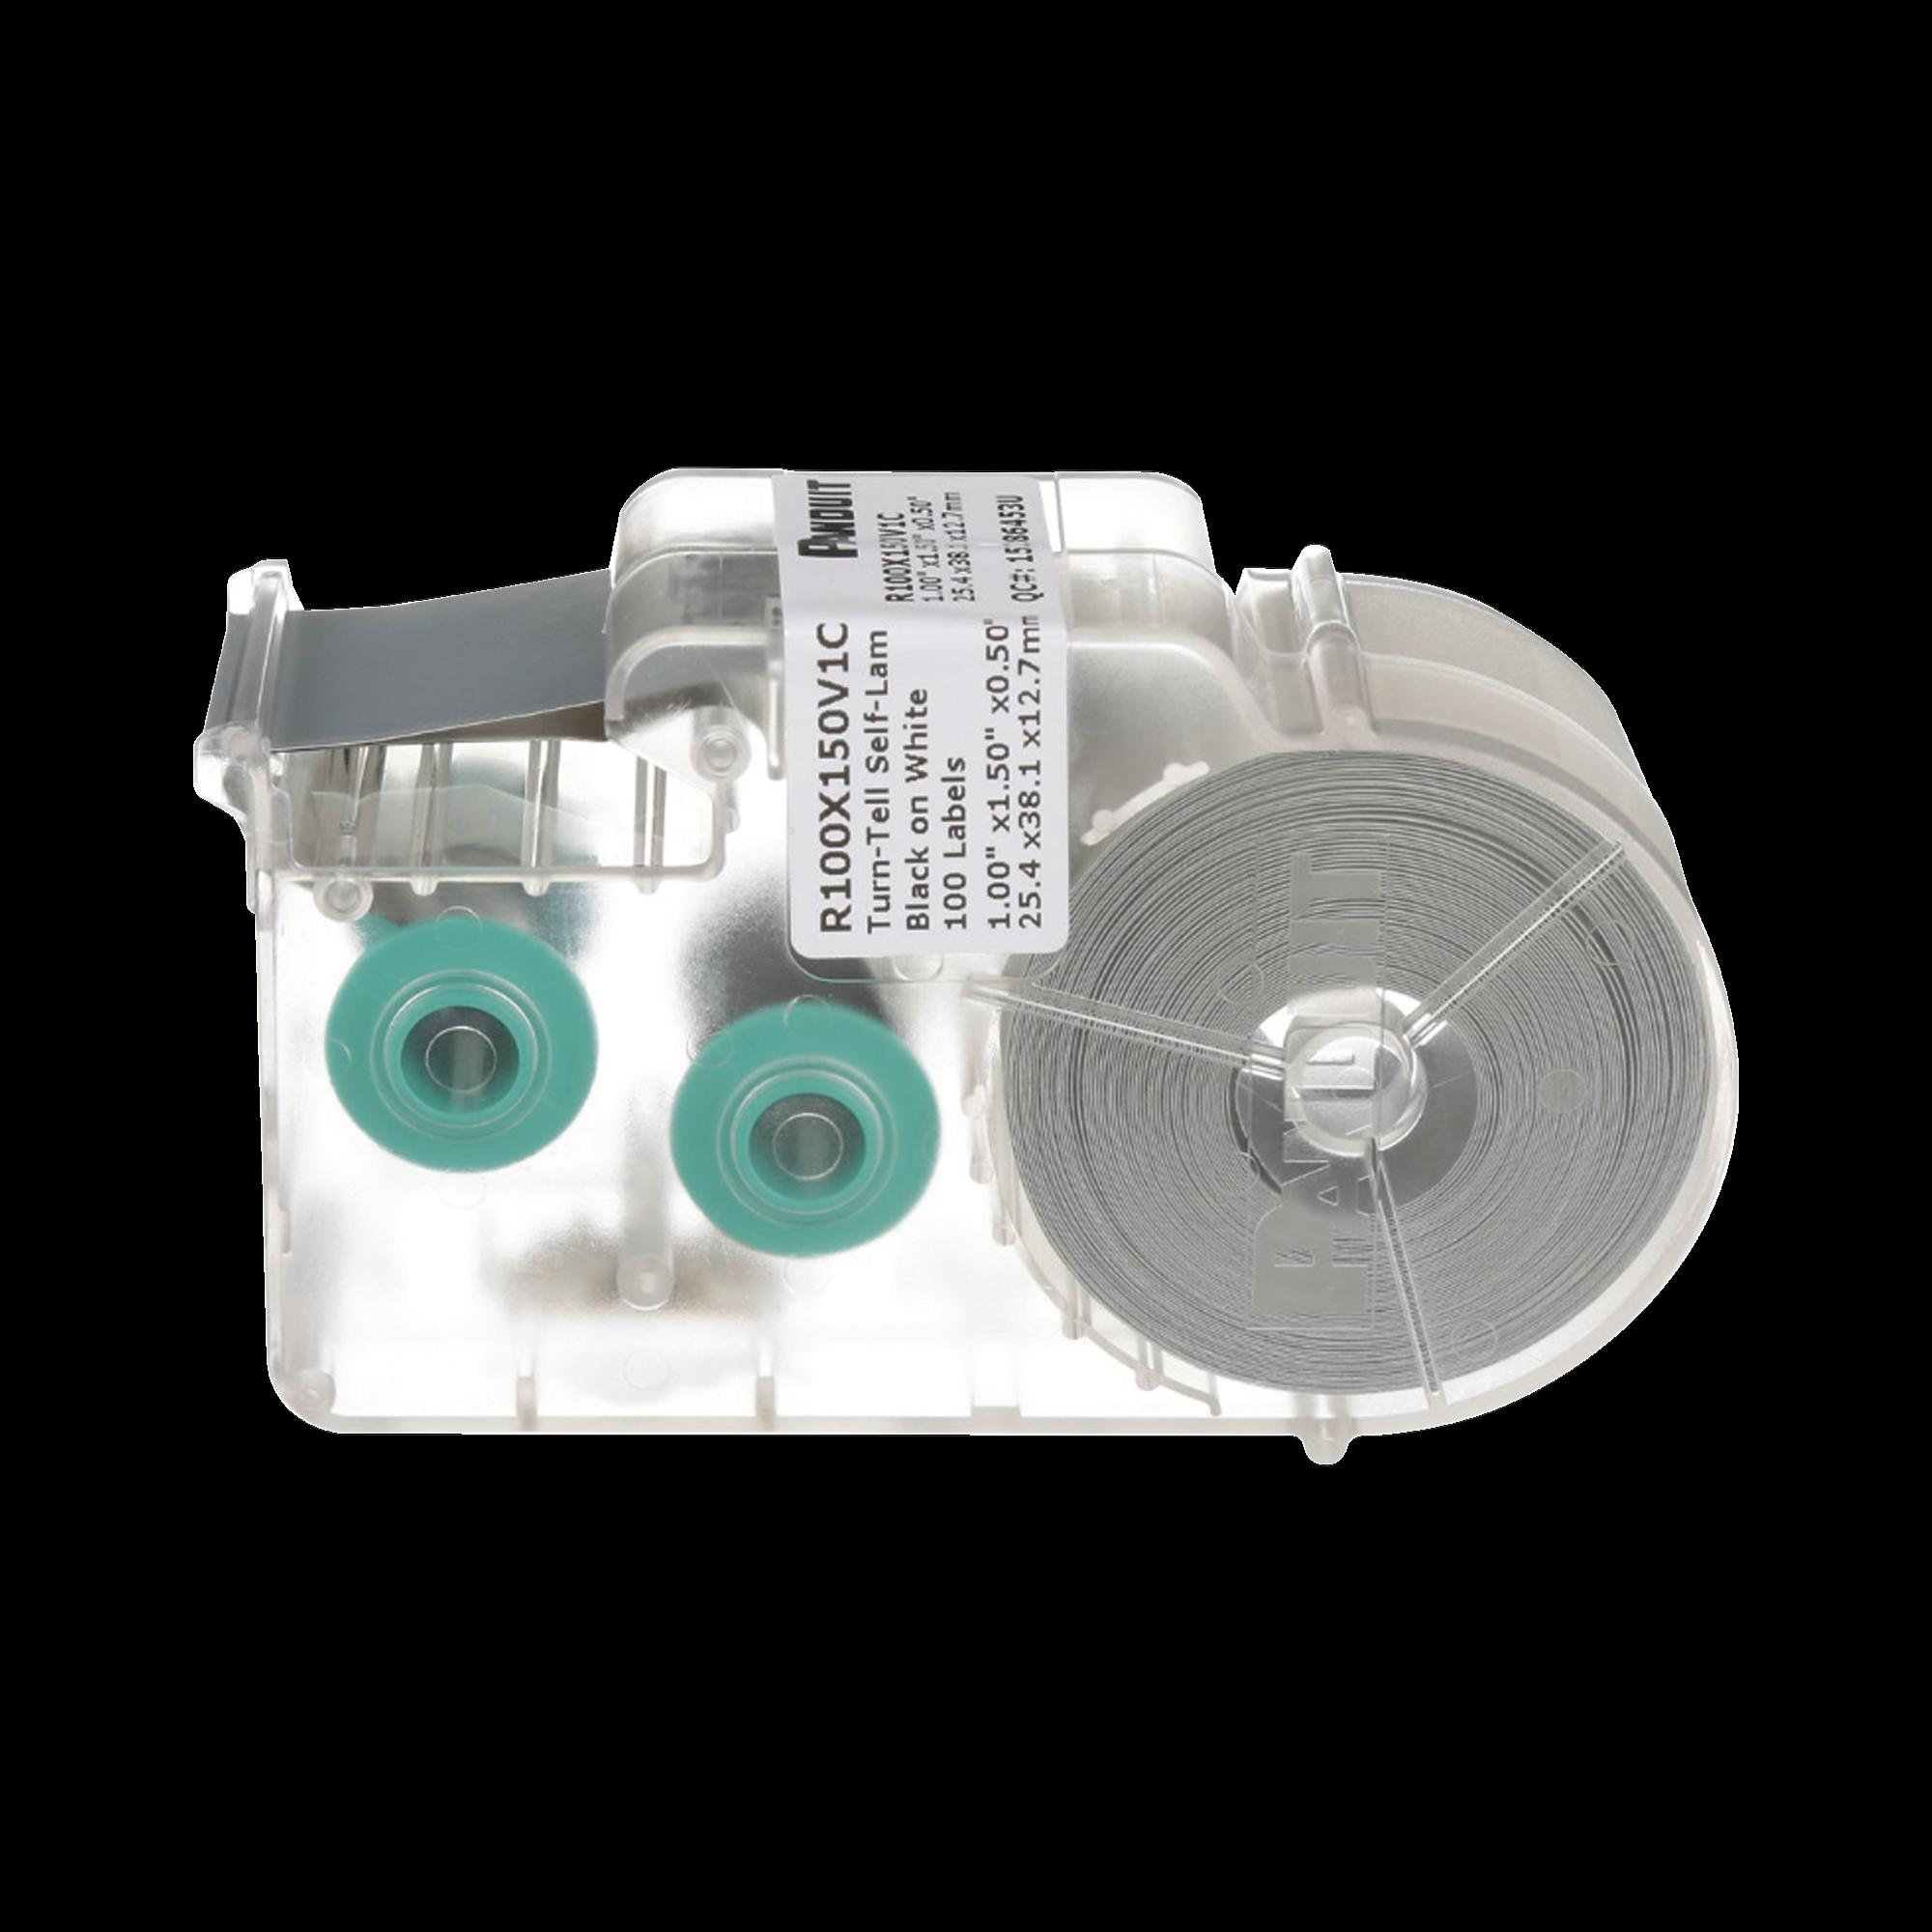 Casete de 100 Etiquetas Autolaminadas Turn-Tell, Con Rotación para Mejor Visibilidad, para Cables de Redes de Cobre o Fibra óptica, de 5.5 a 7.1 mm de Diámetro